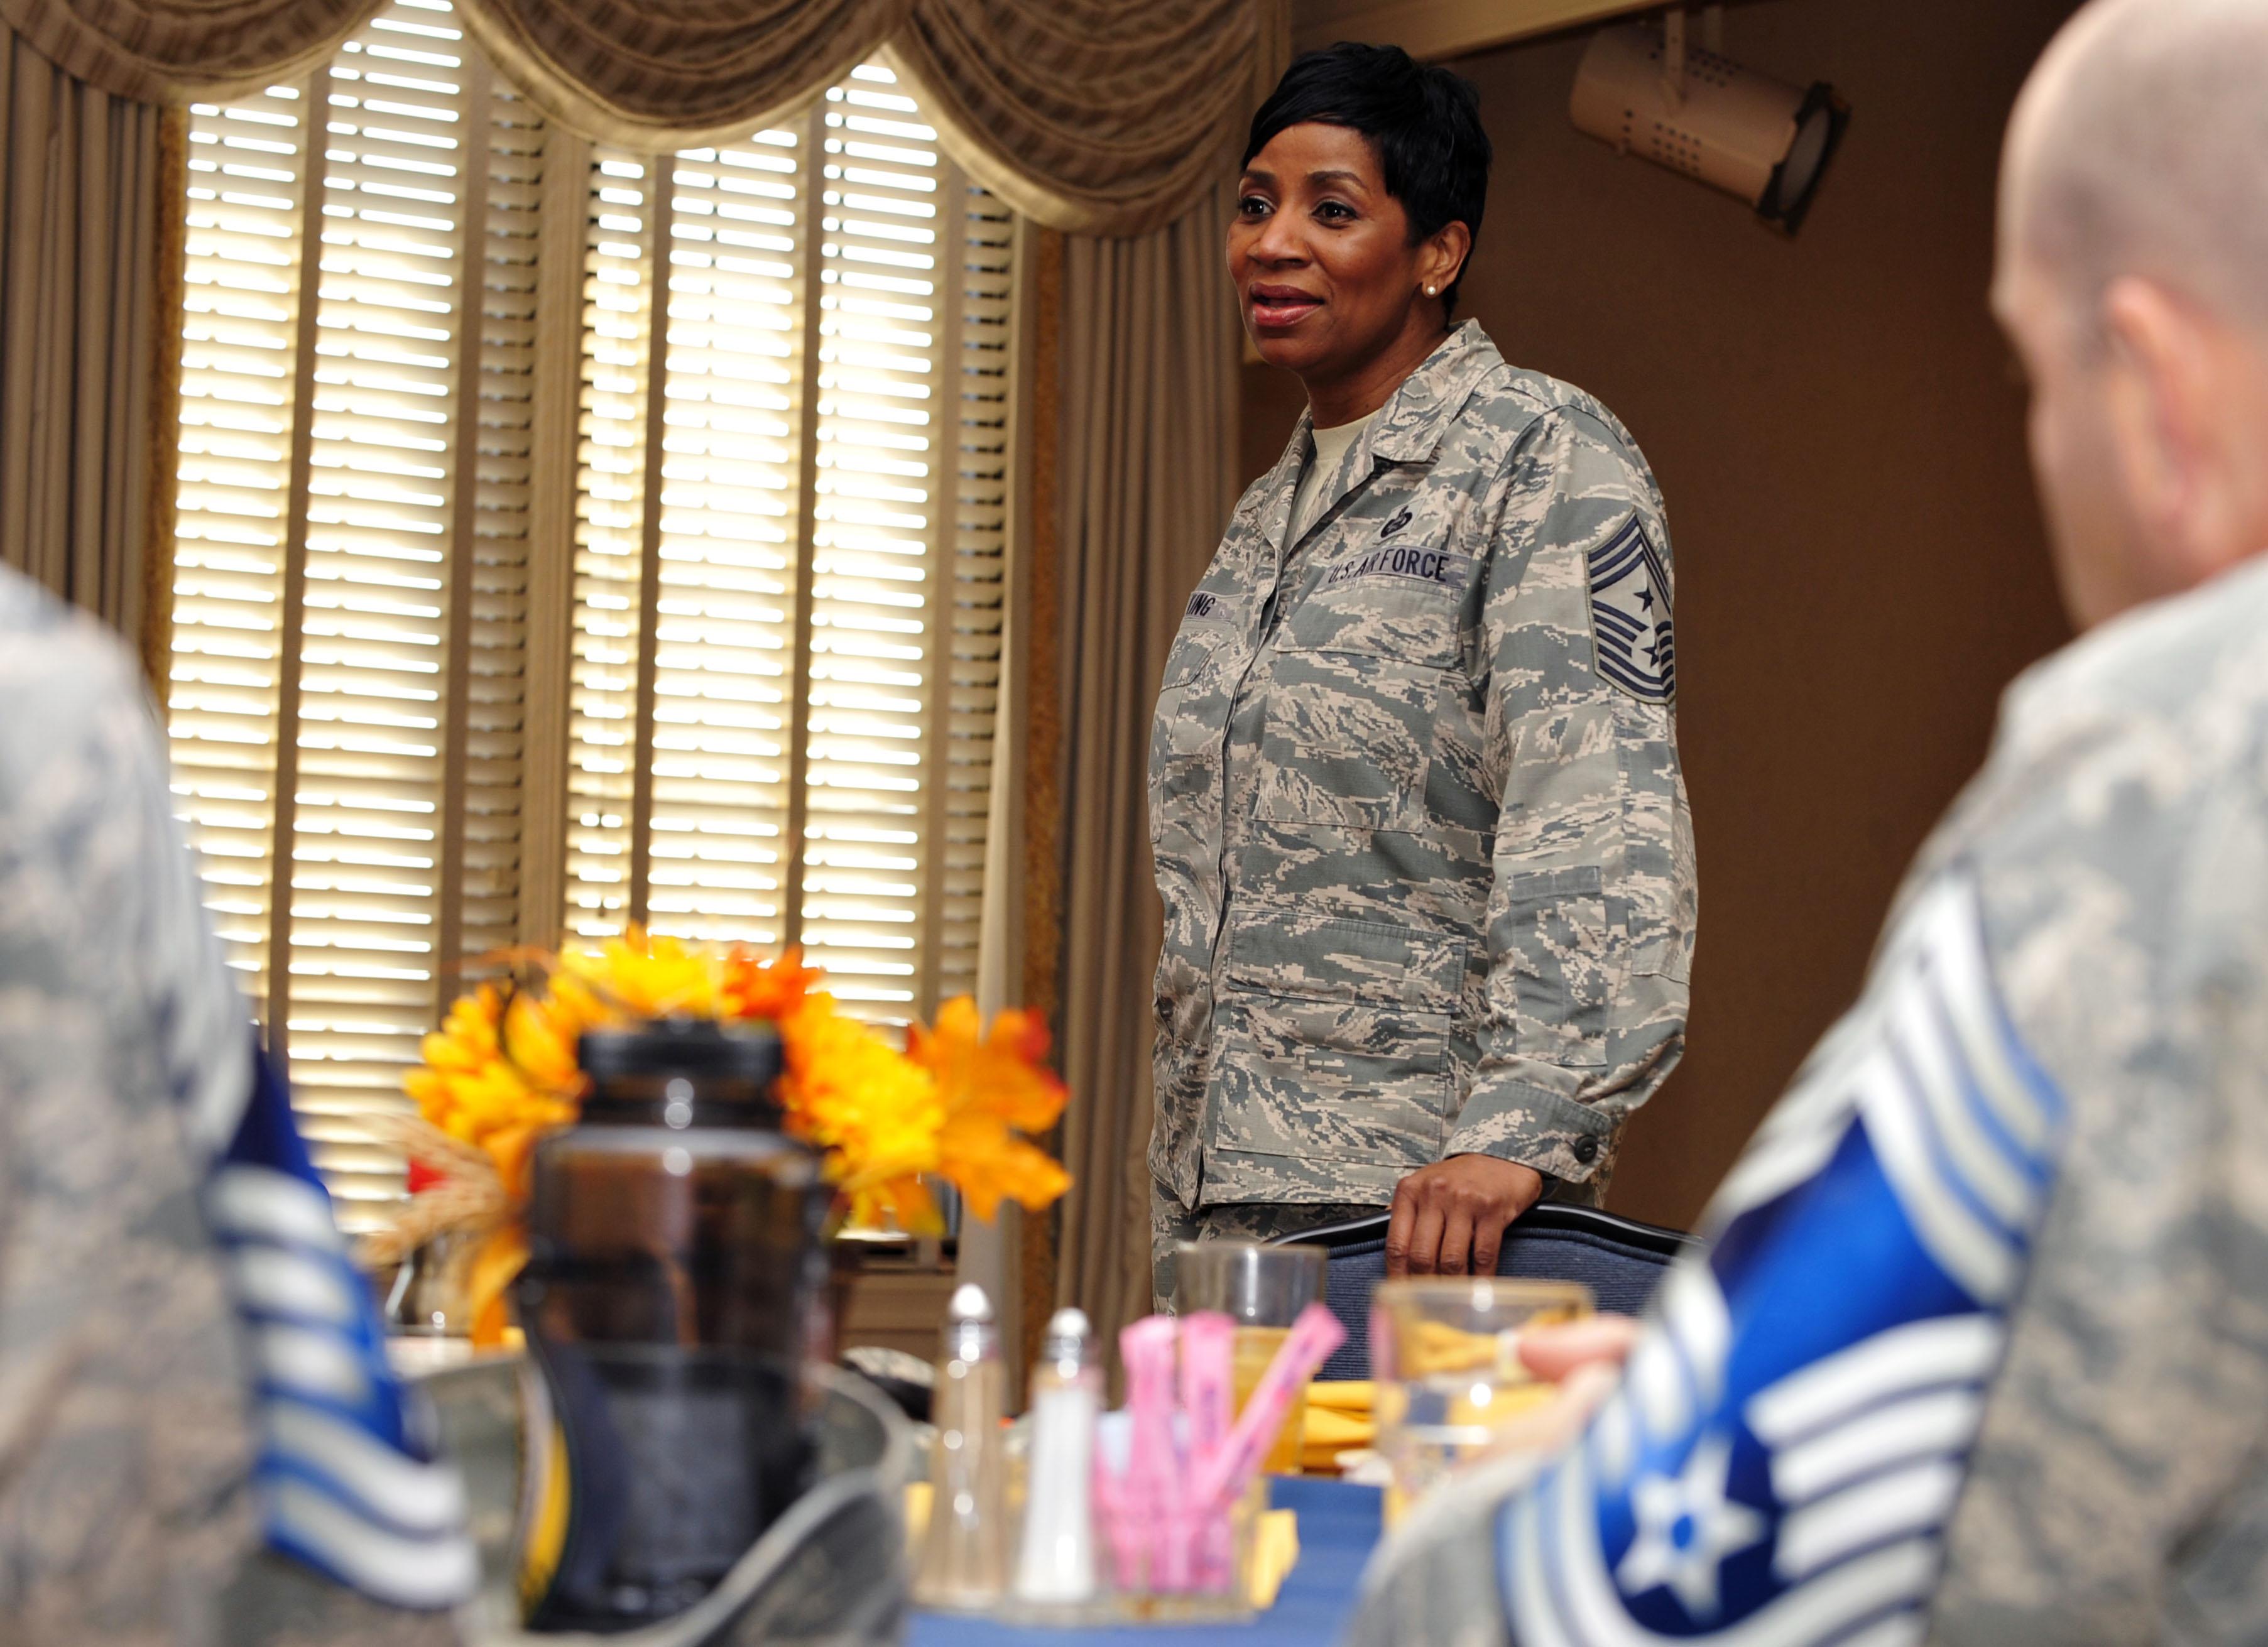 Nett Air Force First Sergeant Lebenslauf Beispiele Ideen - Beispiel ...